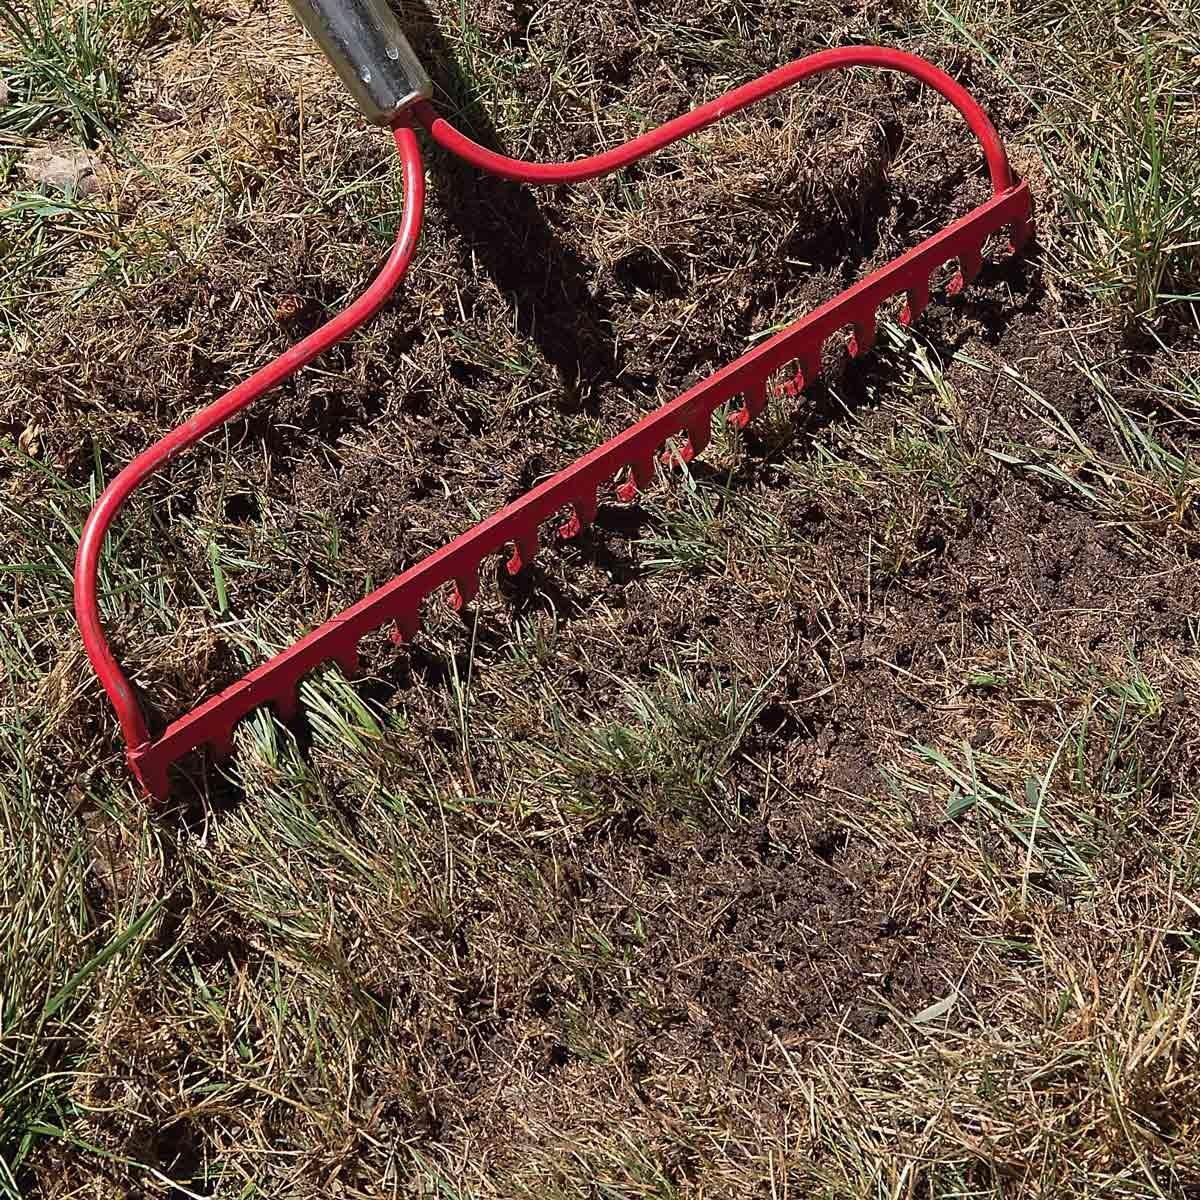 Bare soil